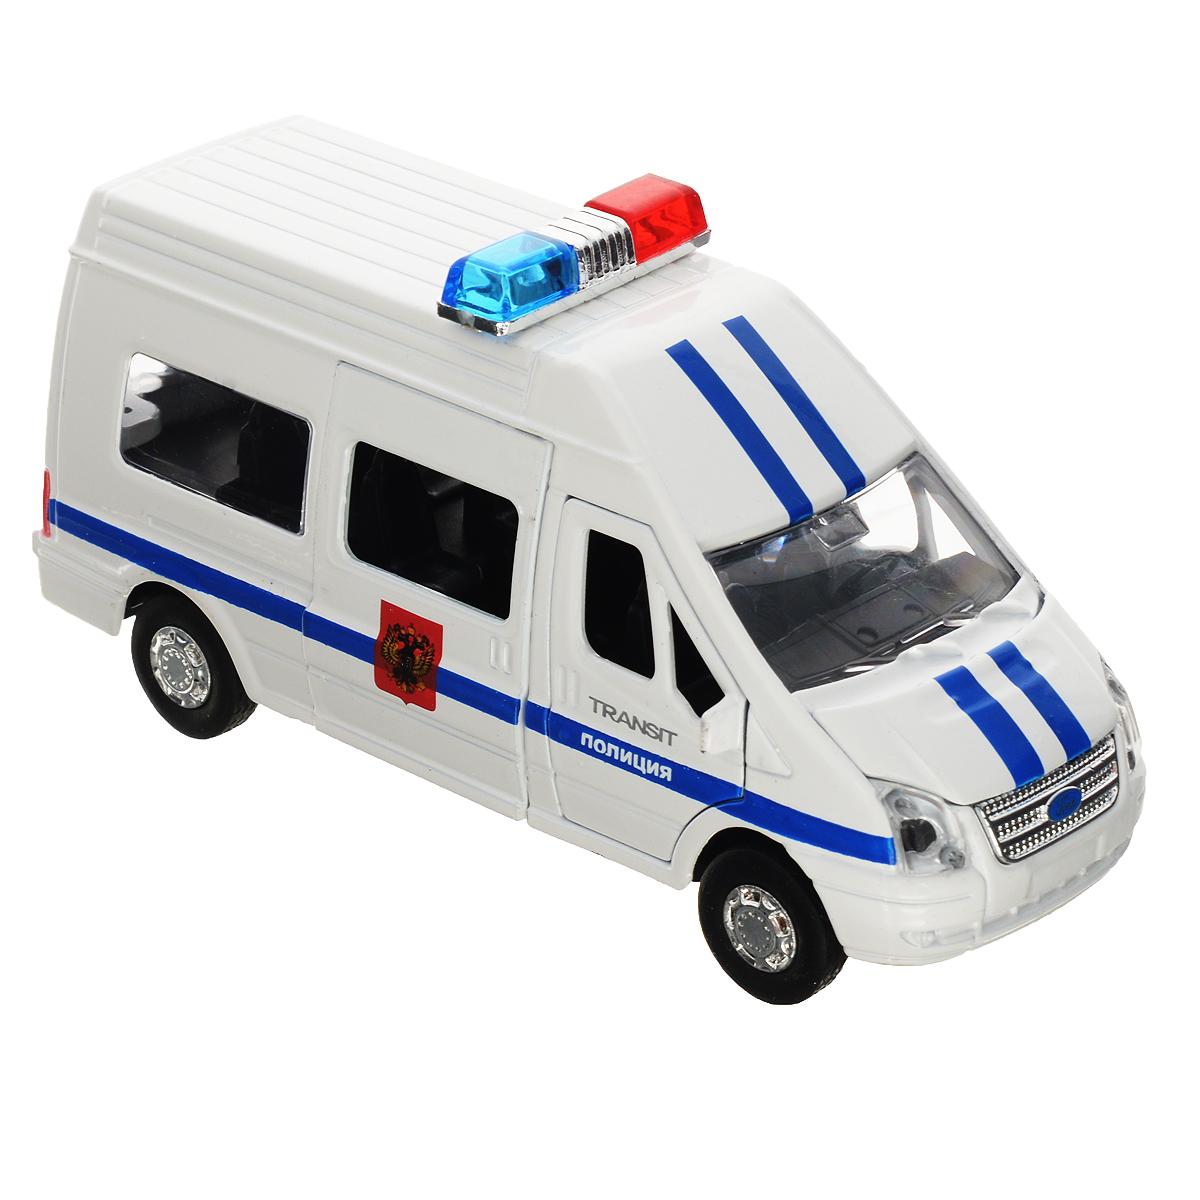 ТехноПарк Машинка инерционная Ford Transit ПолицияSB-13-02-2Инерционная машинка ТехноПарк Ford Transit: Полиция, выполненная из пластика и металла, станет любимой игрушкой вашего малыша. Игрушка представляет собой модель полицейского автомобиля марки Ford Transit. У машинки открываются передние дверцы, капот, а также боковая дверца и дверца багажного отделения. При нажатии на капот на крыше модели замигают проблесковые маячки и прозвучат звуки сирены и команды полицейского. Игрушка оснащена инерционным ходом. Машинку необходимо отвести назад, затем отпустить - и она быстро поедет вперед. Прорезиненные колеса обеспечивают надежное сцепление с любой гладкой поверхностью. Ваш ребенок будет часами играть с этой машинкой, придумывая различные истории. Порадуйте его таким замечательным подарком! Машинка работает от батареек (товар комплектуется демонстрационными).